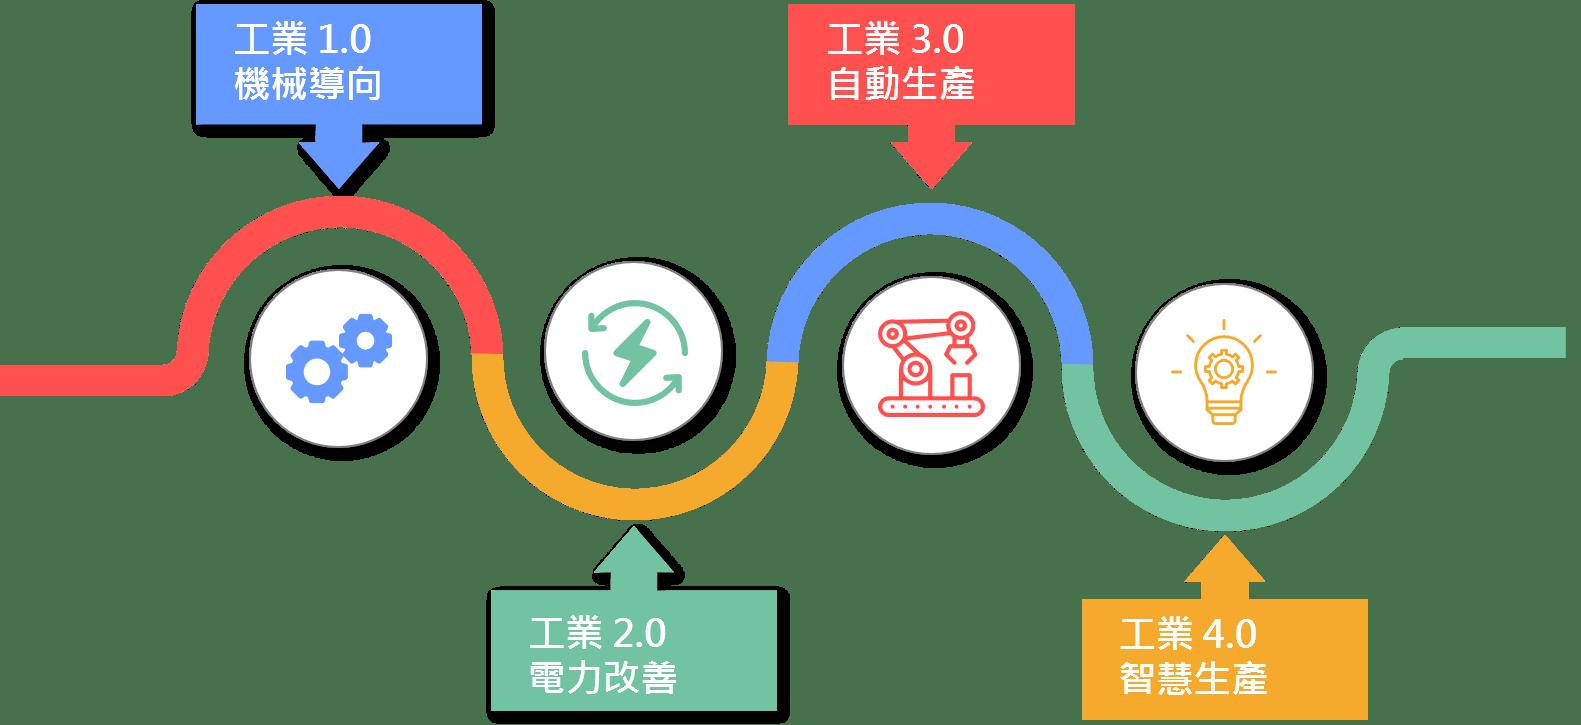 工業4.0 - SK.Tech 思克軟體工程 │自動化軟體開發│生產資訊蒐集